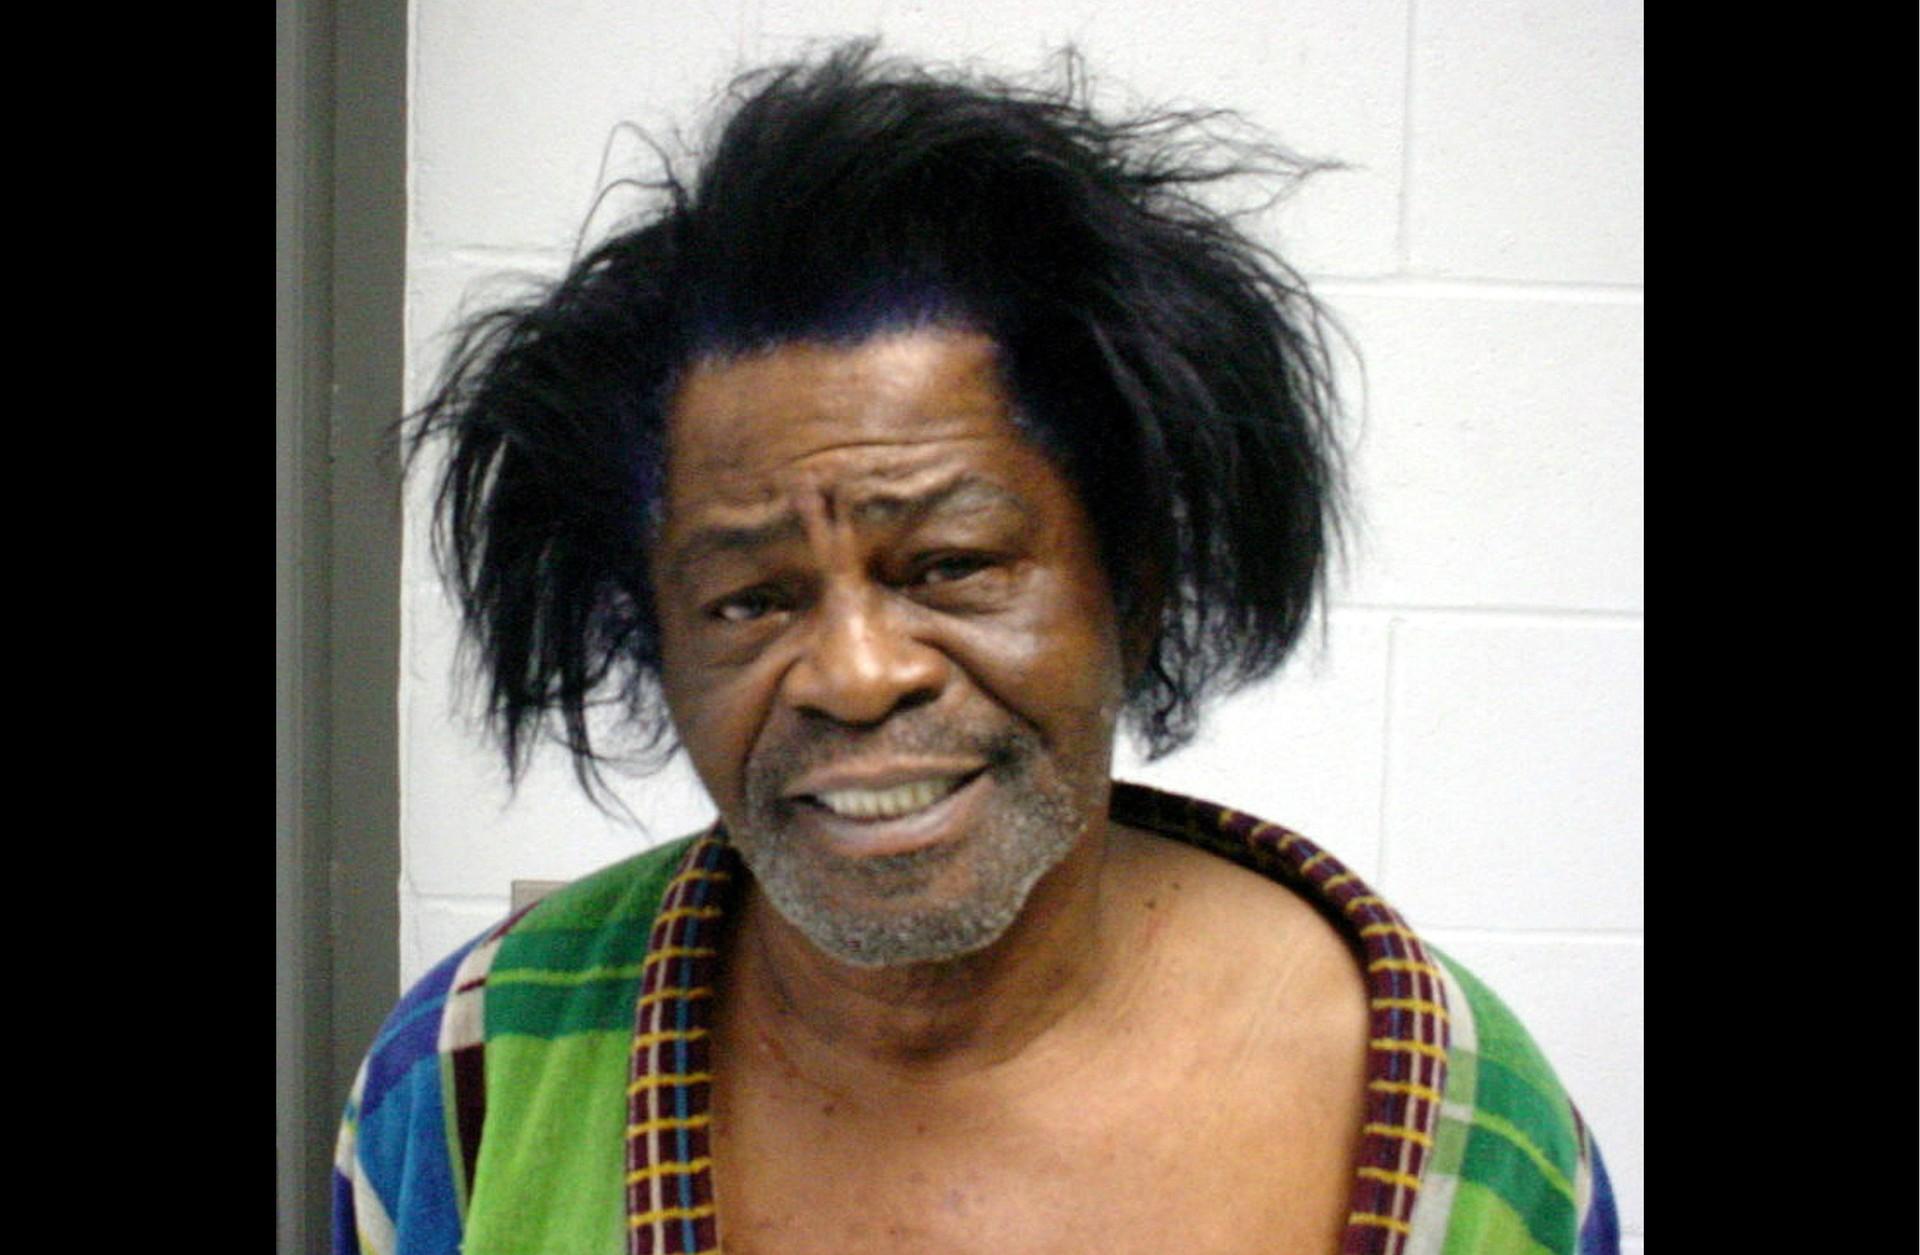 James Brown em janeiro de 2004 (quase três anos antes de morrer). Acusação: espancar a esposa. (Foto: Divulgação)